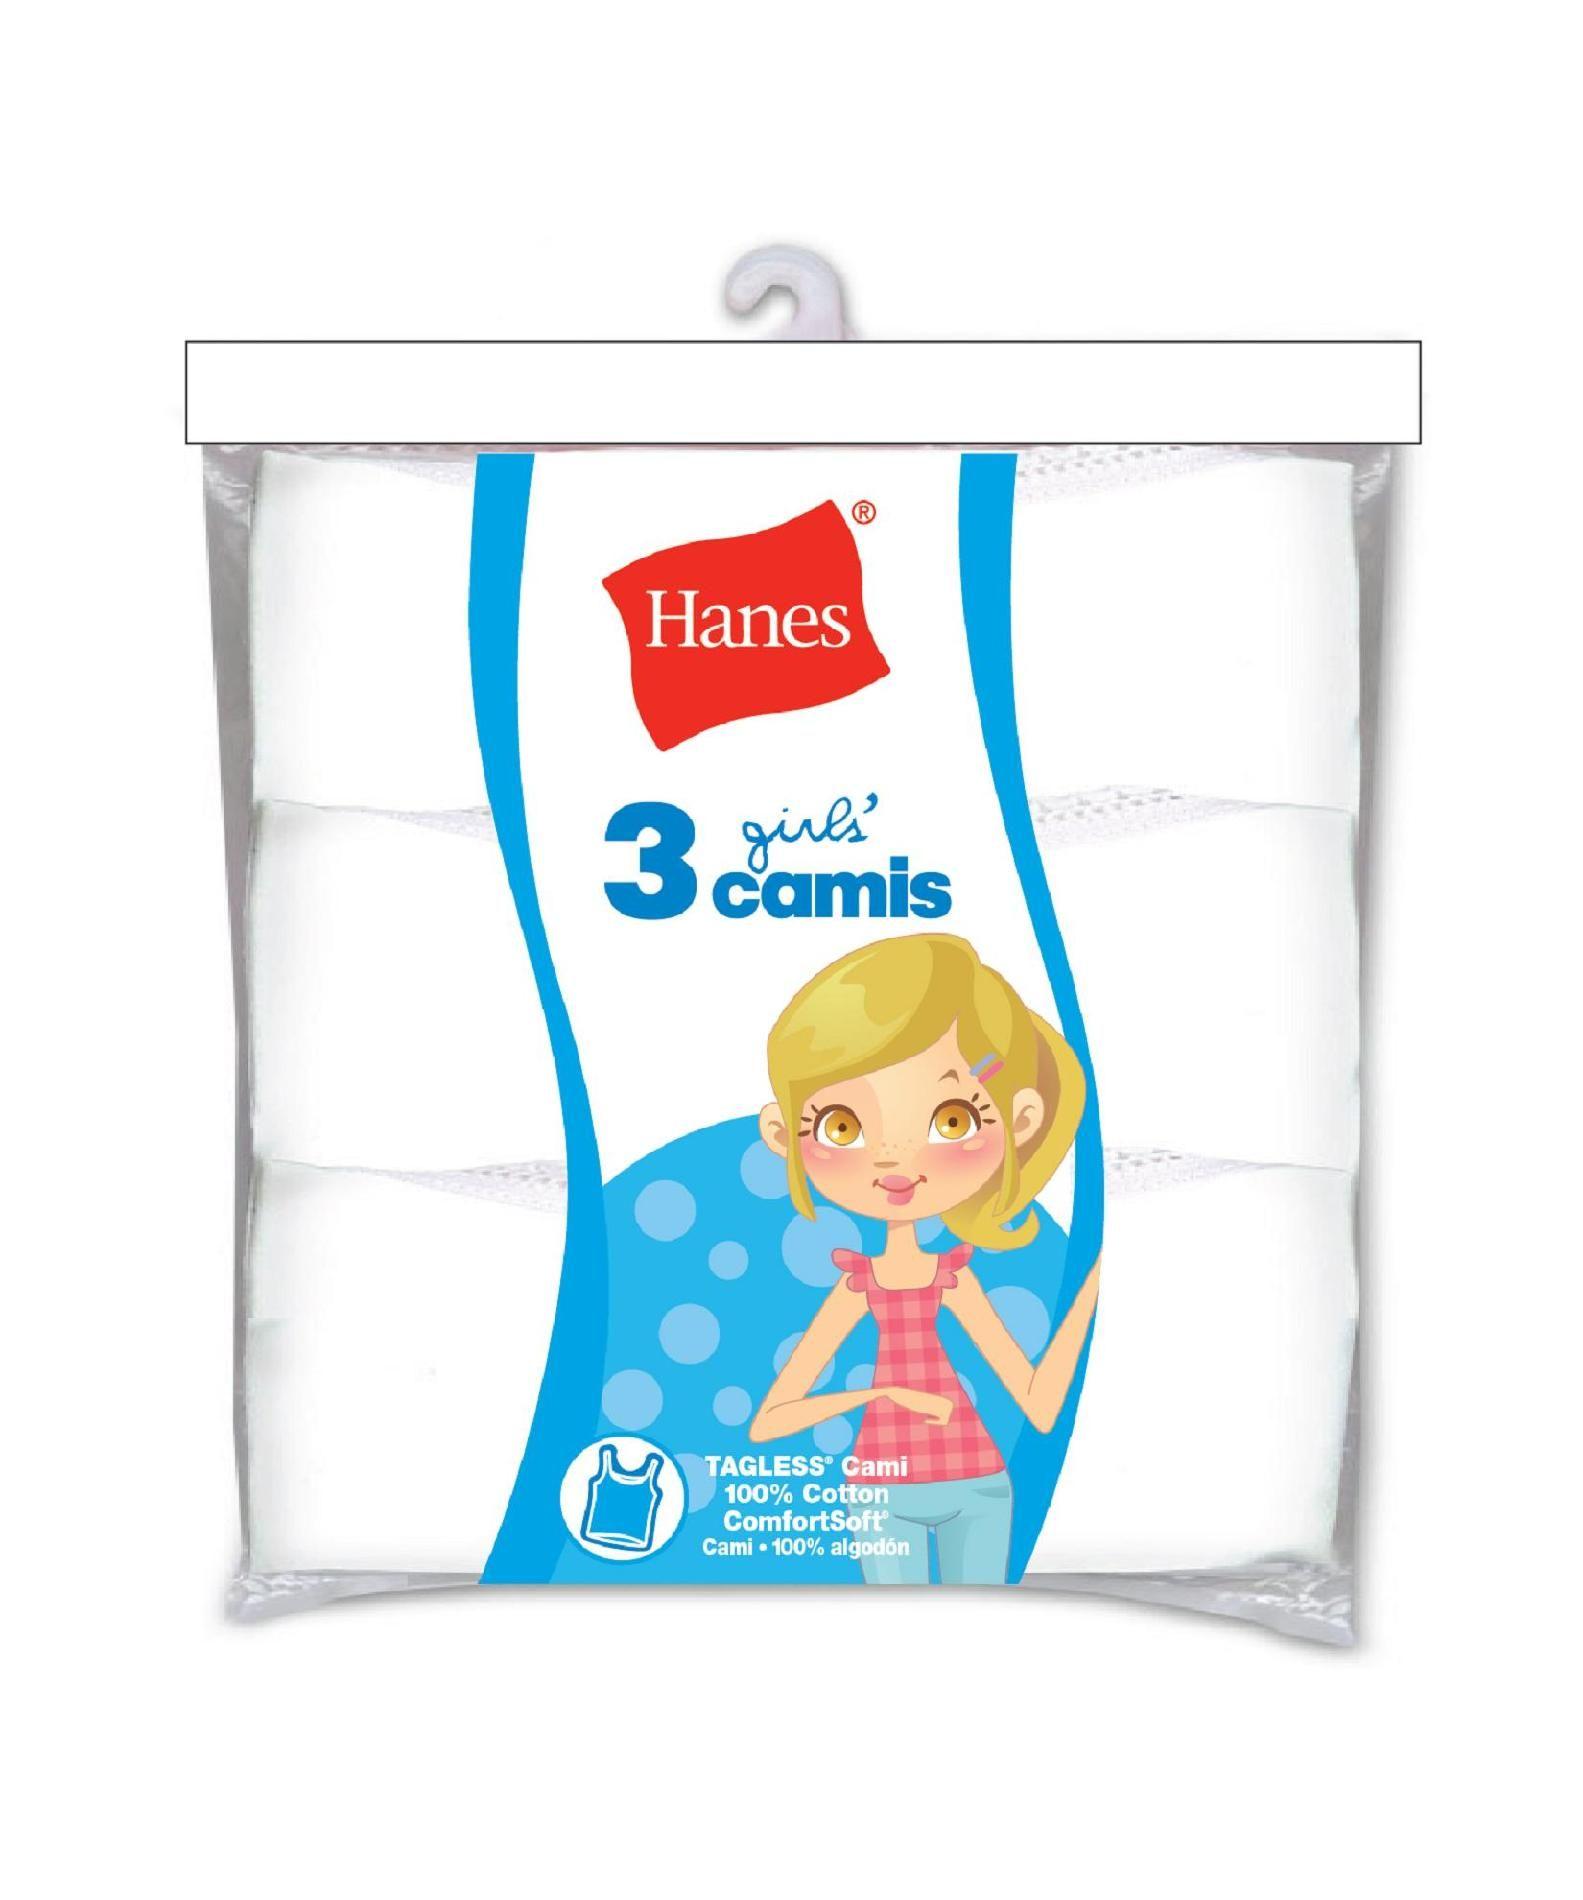 Hanes Girl's White Cami 3 Pack